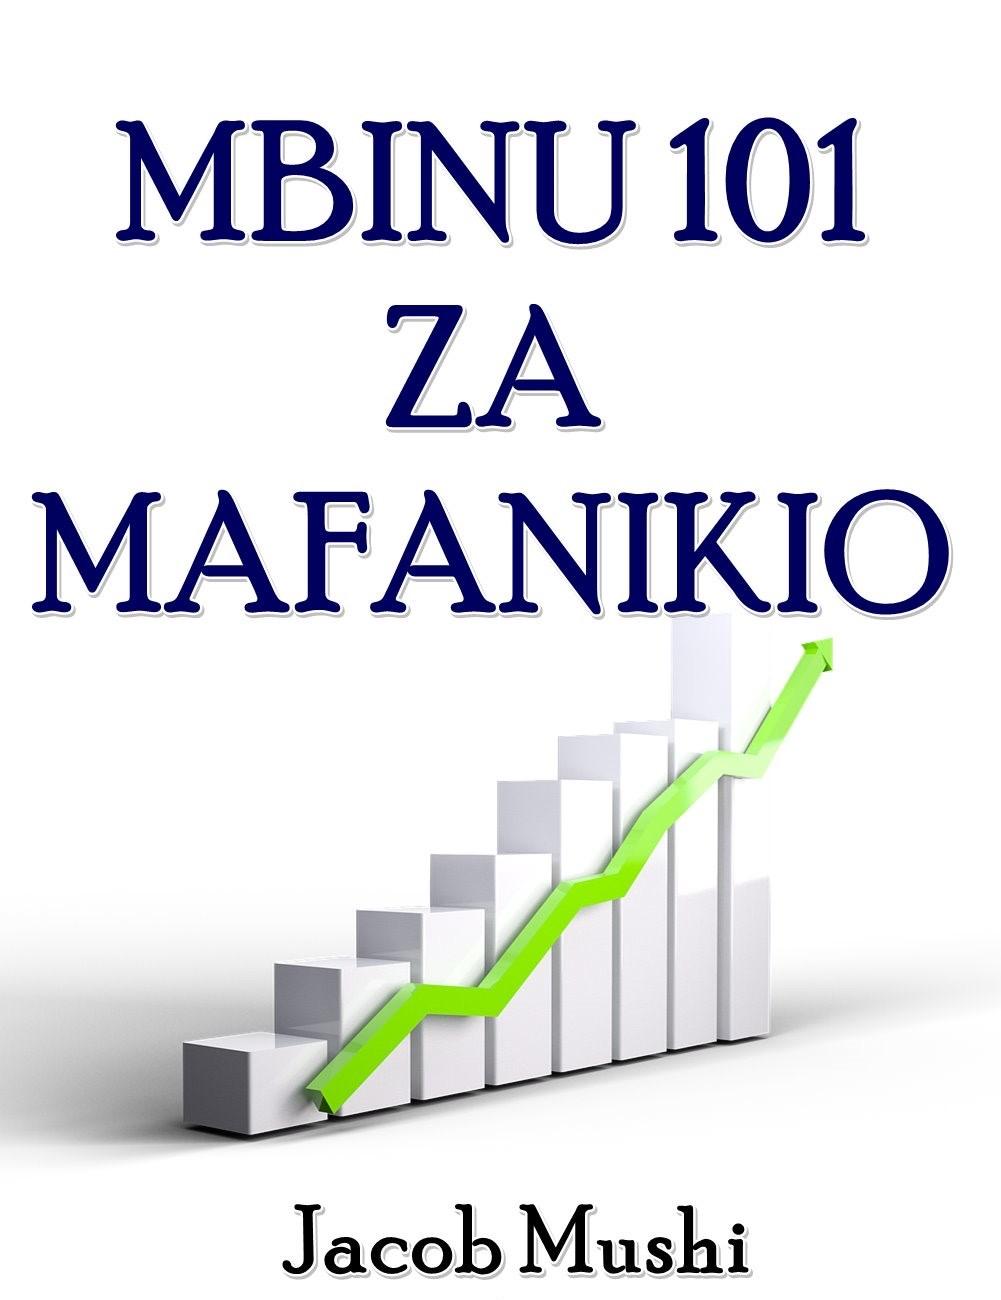 MBINU 101 ZA MAFANIKIO